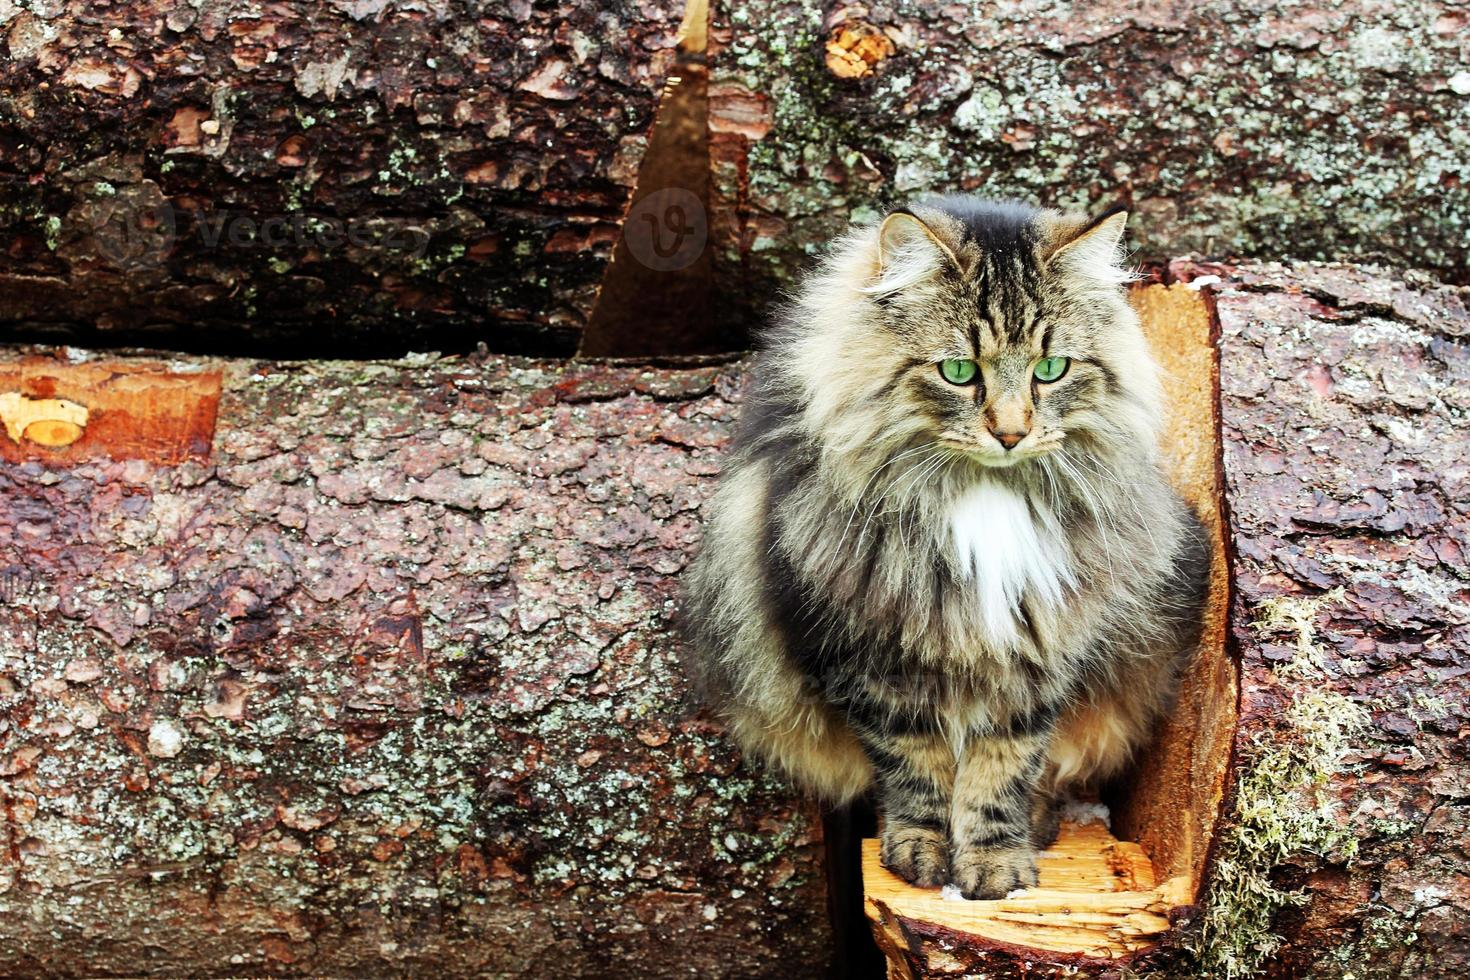 jeune joli chat des forêts norvégiennes photo